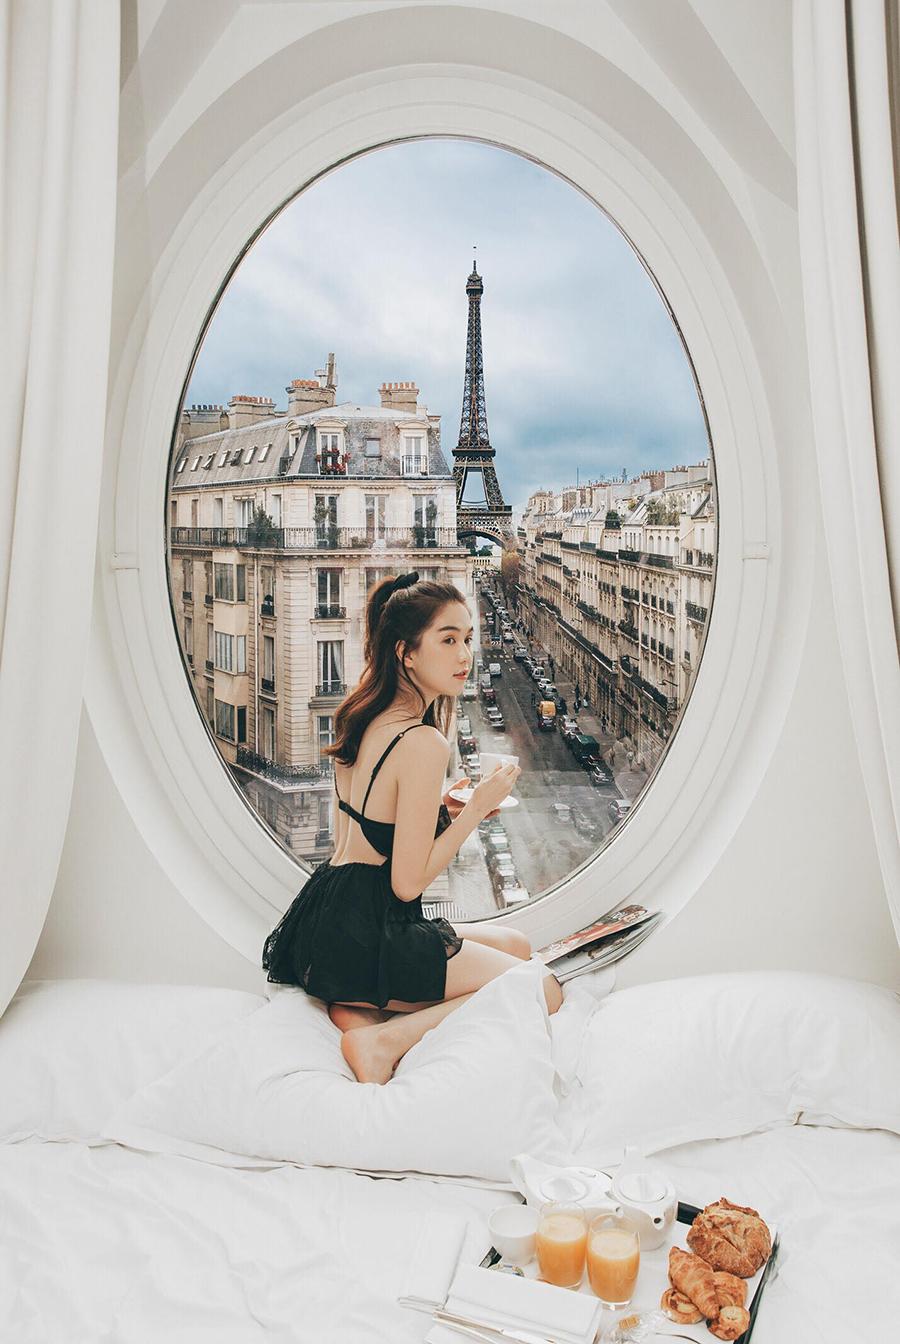 Một buổi sáng đẹp như mơ trên đất Pháp.